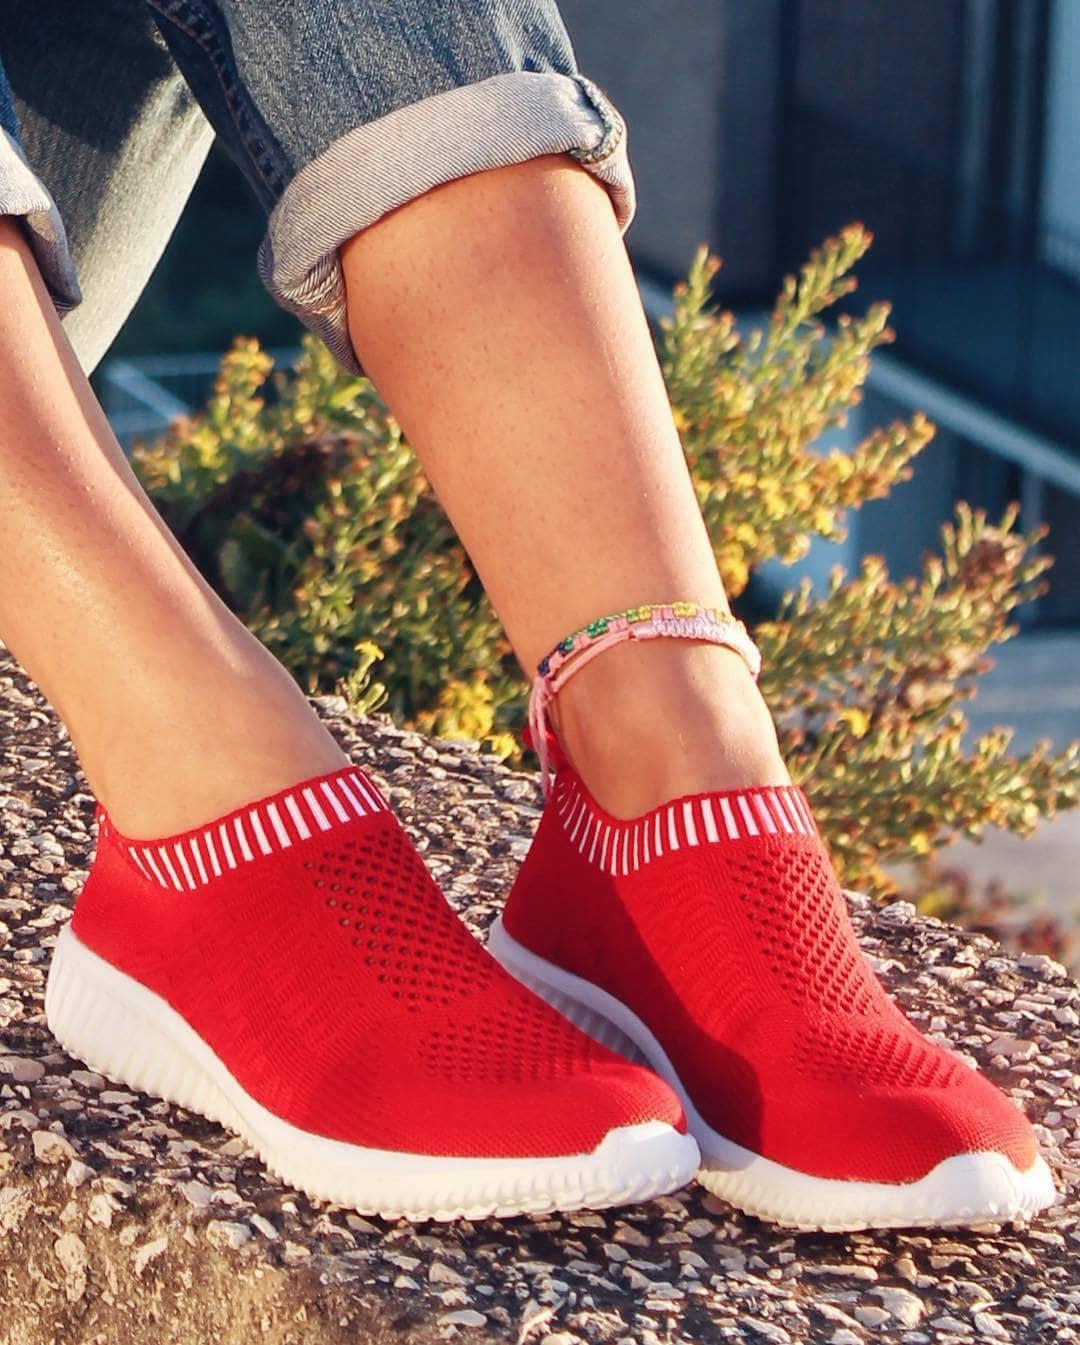 Tiosebon Best Walking Shoes